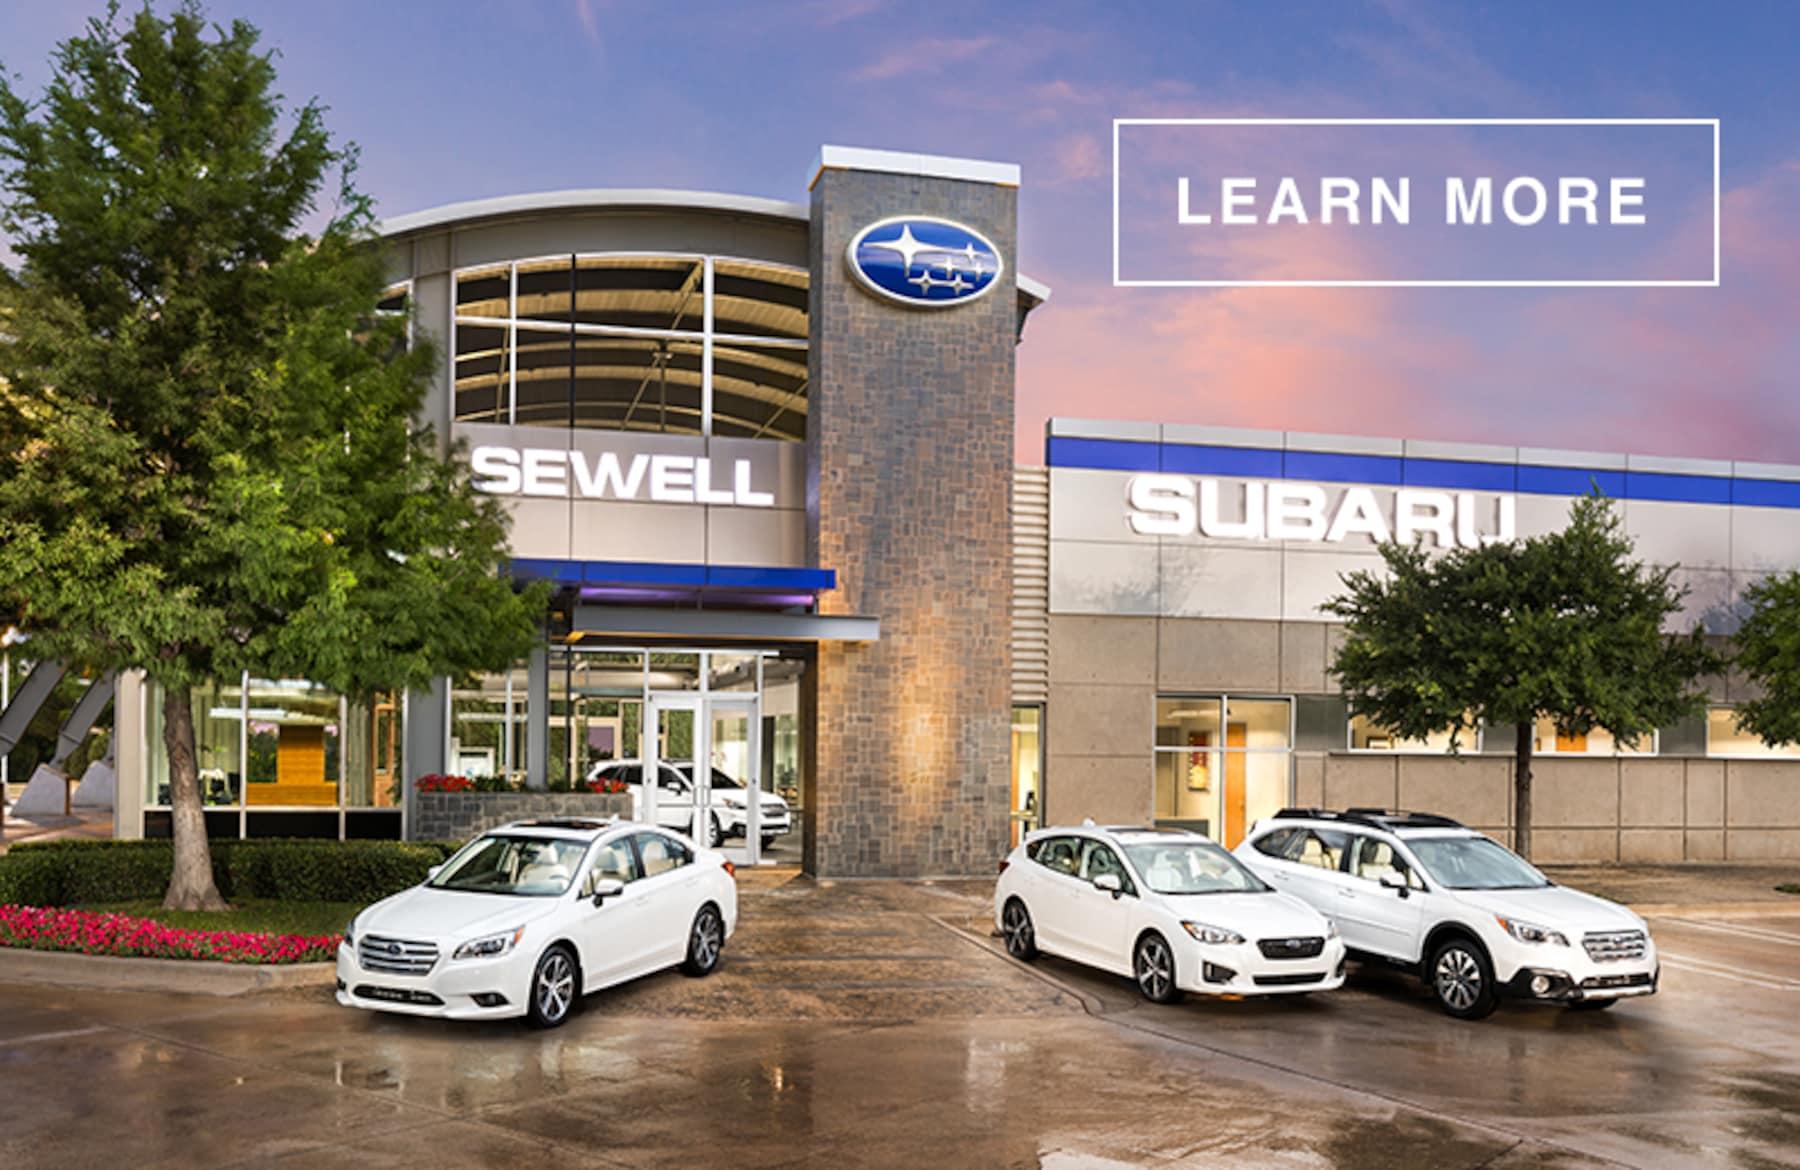 Sewell Subaru - Dallas New 2019 & Used Subaru Dealership